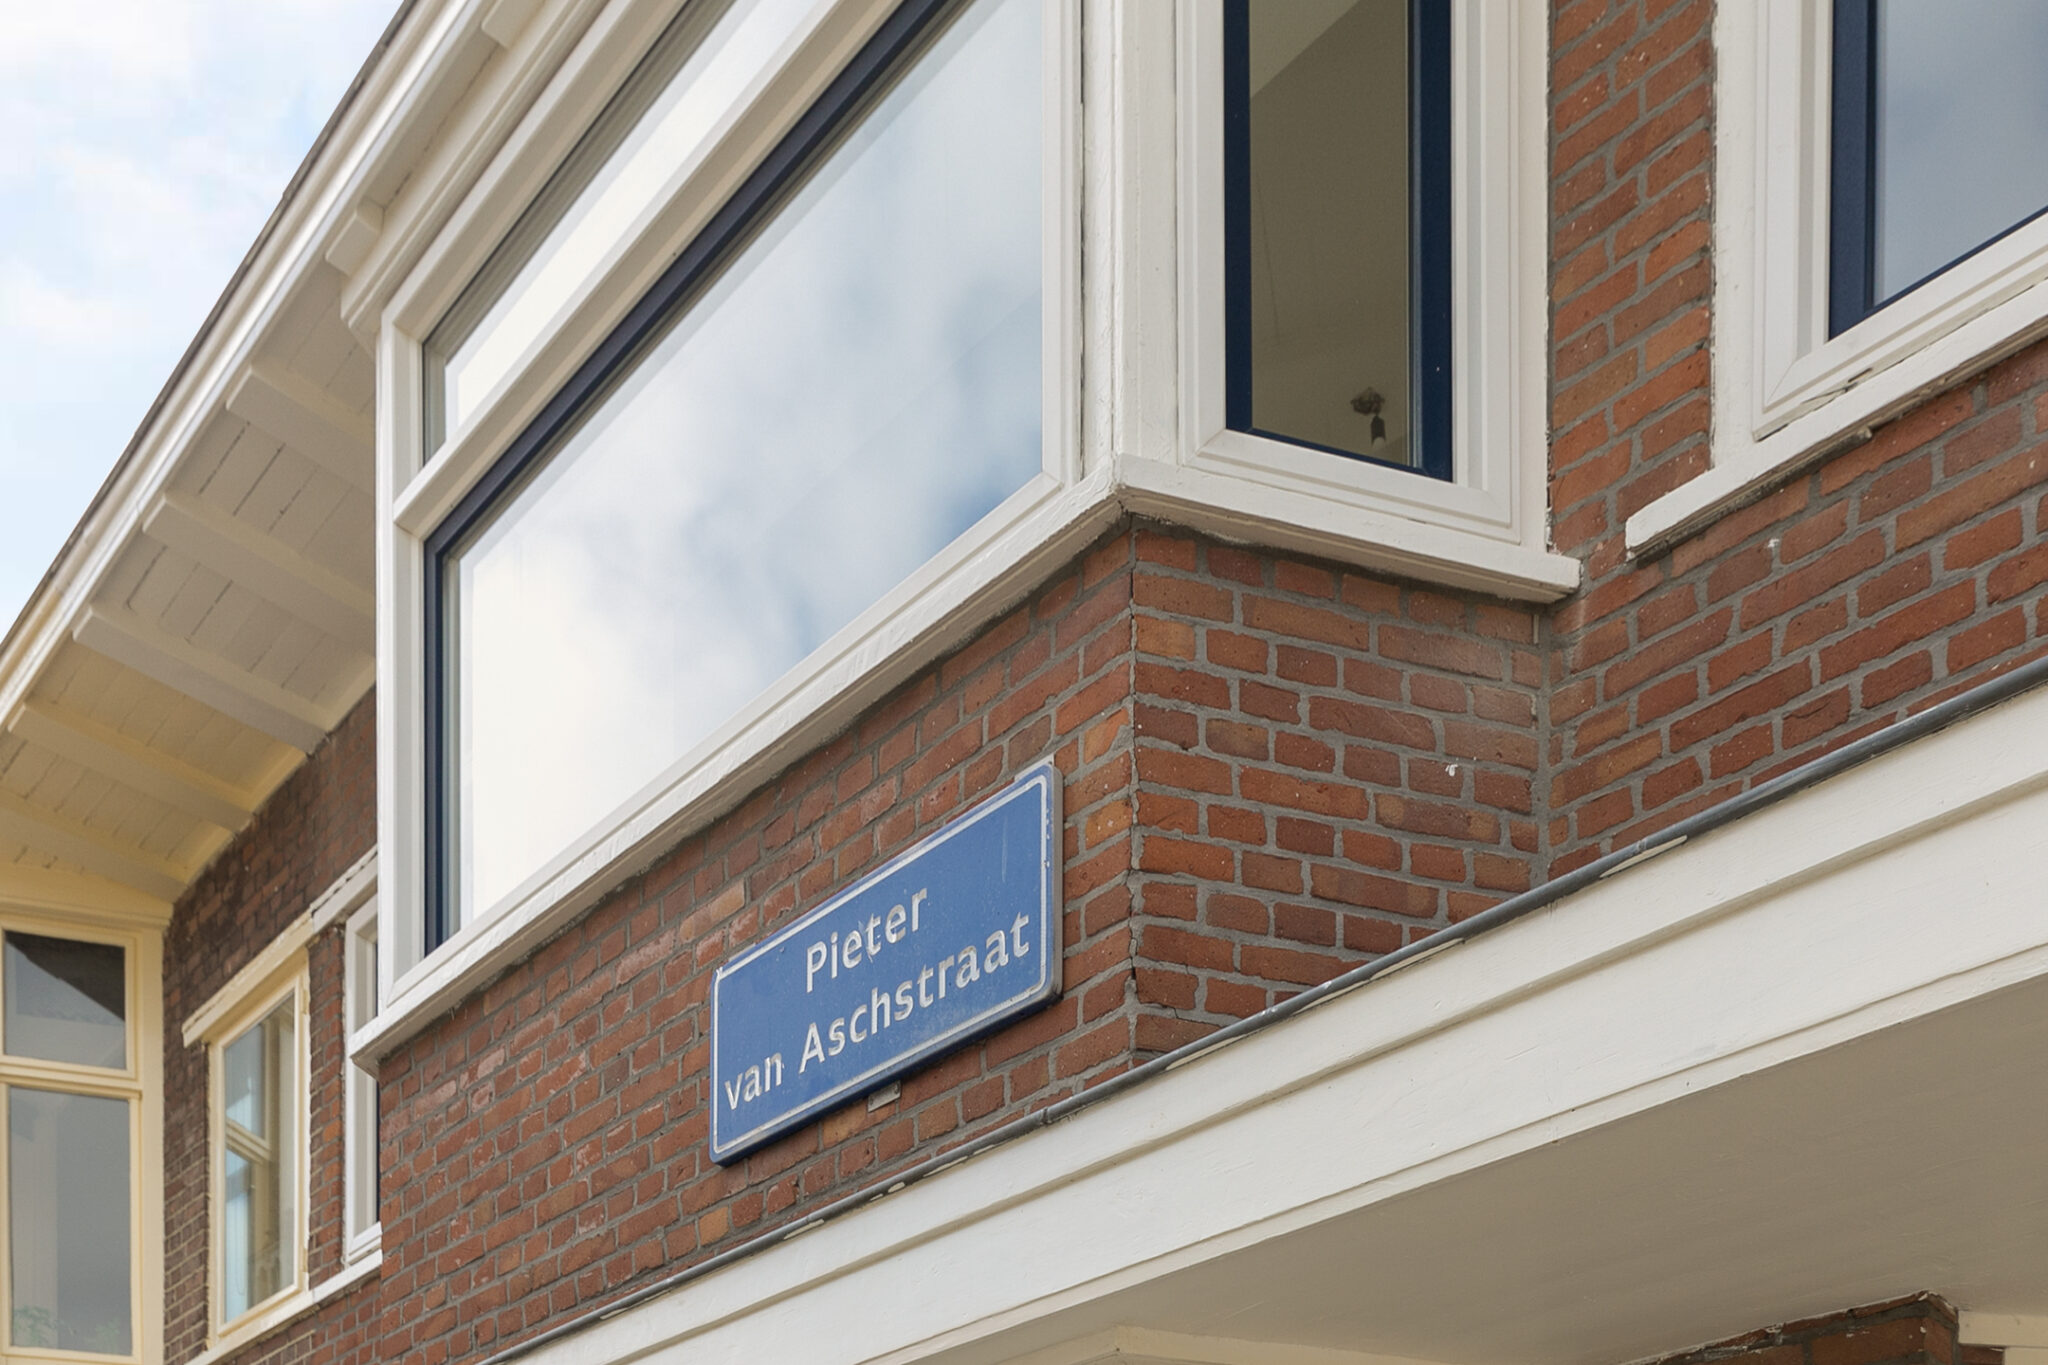 Pieter van Aschstraat 2B straatnaambord